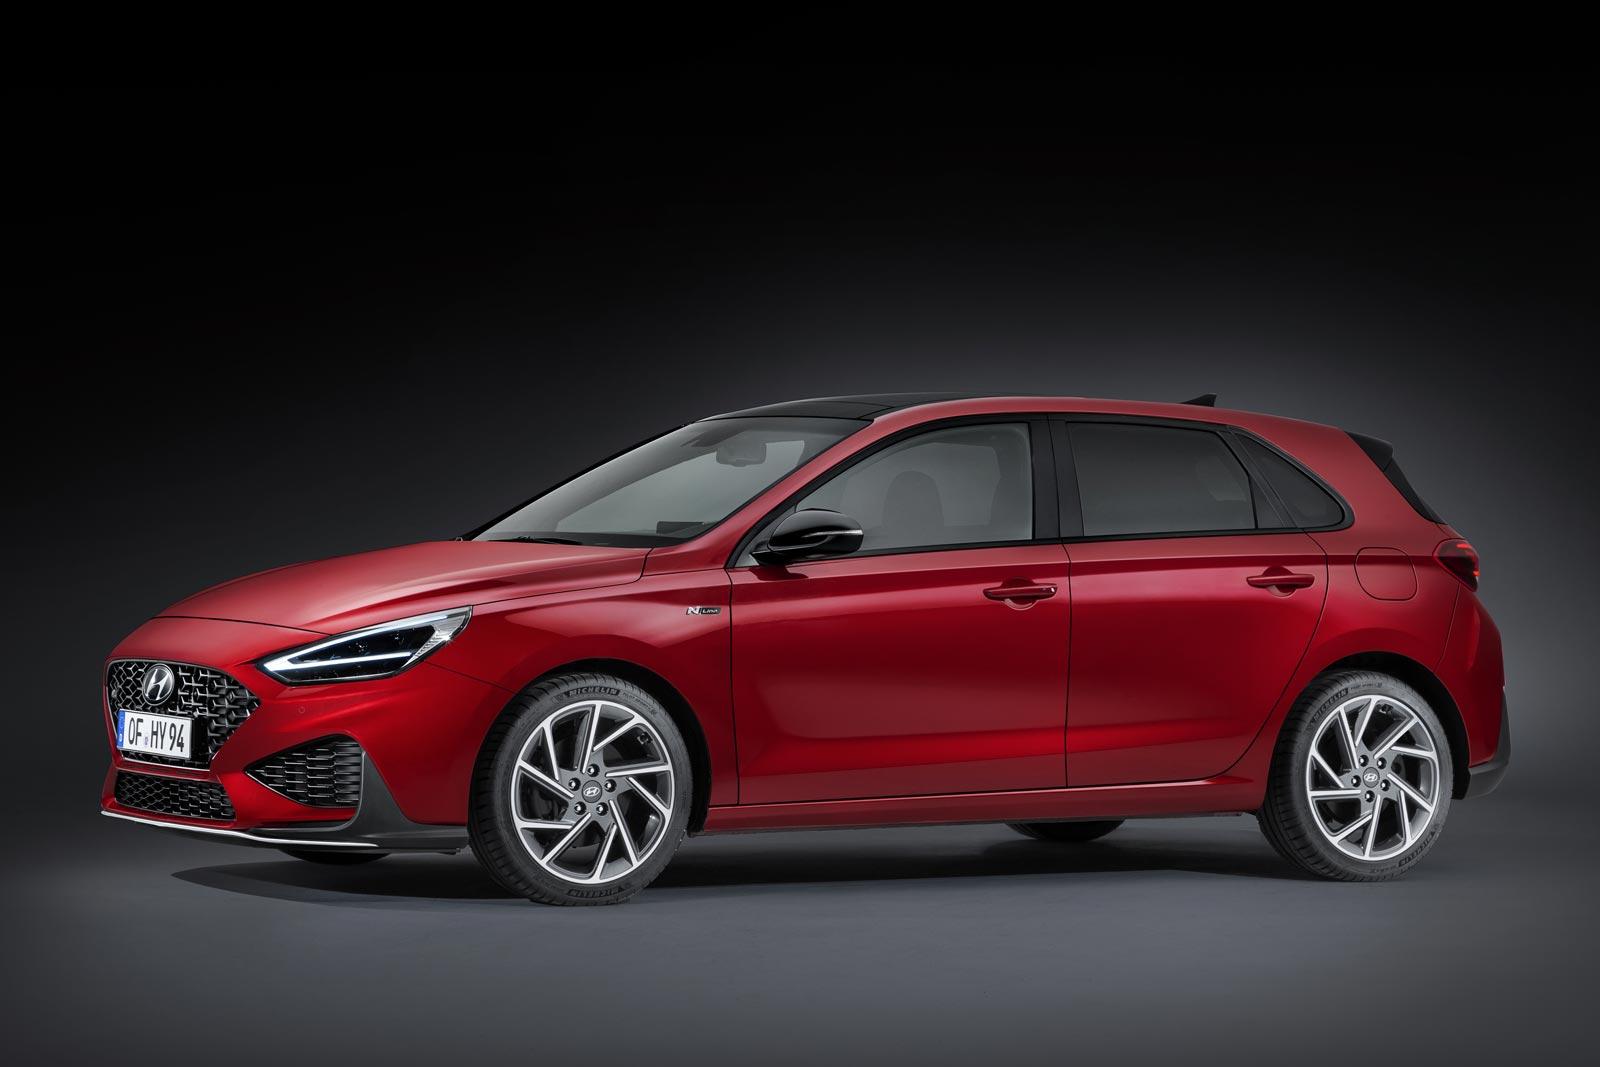 2021 Hyundai Elantra Gt Exterior and Interior